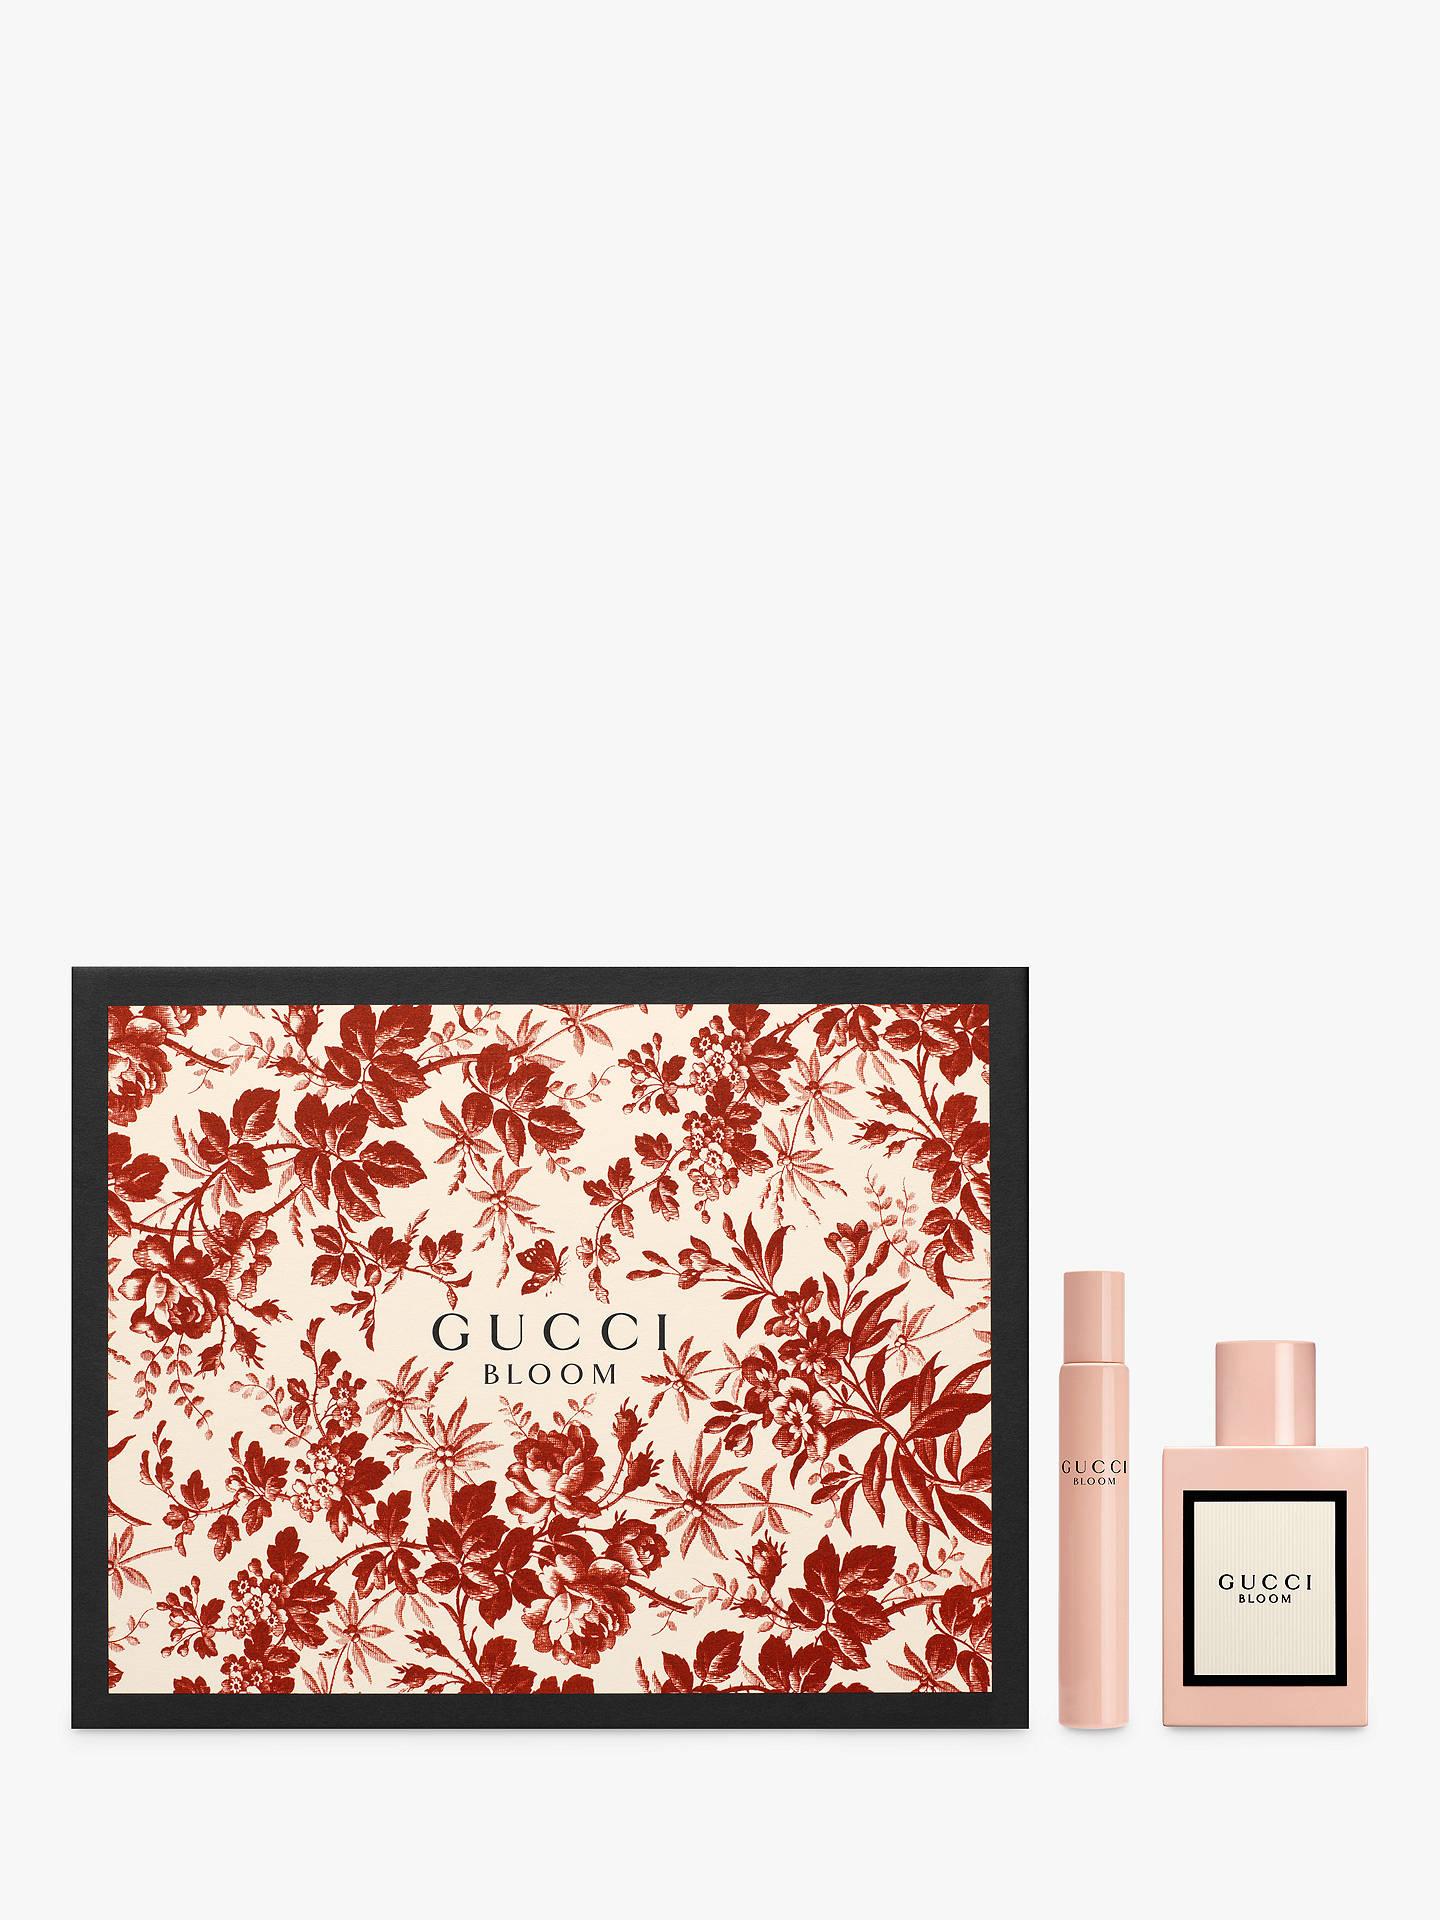 d5b5811c6 Buy Gucci Bloom 50ml Eau de Parfum Fragrance Gift Set Online at  johnlewis.com